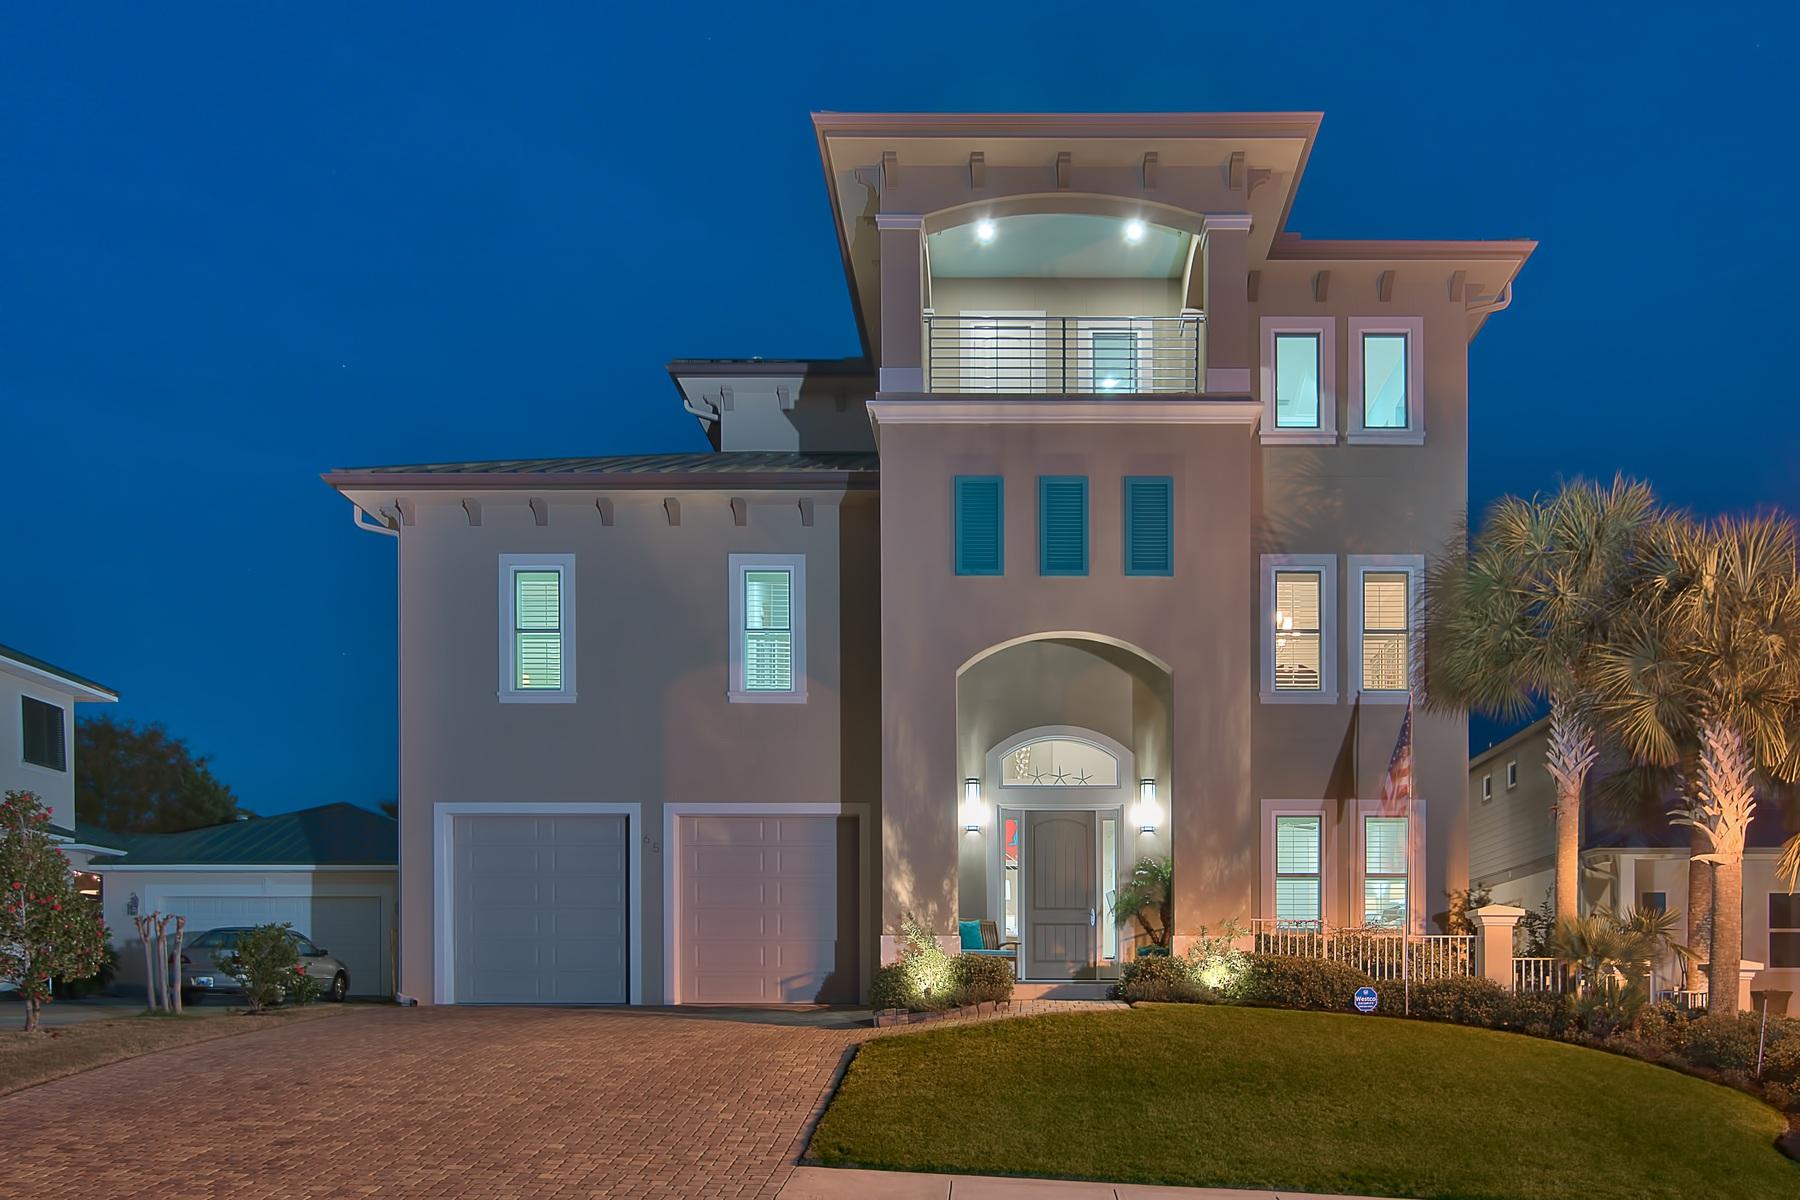 단독 가정 주택 용 매매 에 Contemporary Concrete Construction with Proven Rental History 65 Siesta Bluff, Destin, 플로리다, 32541 미국